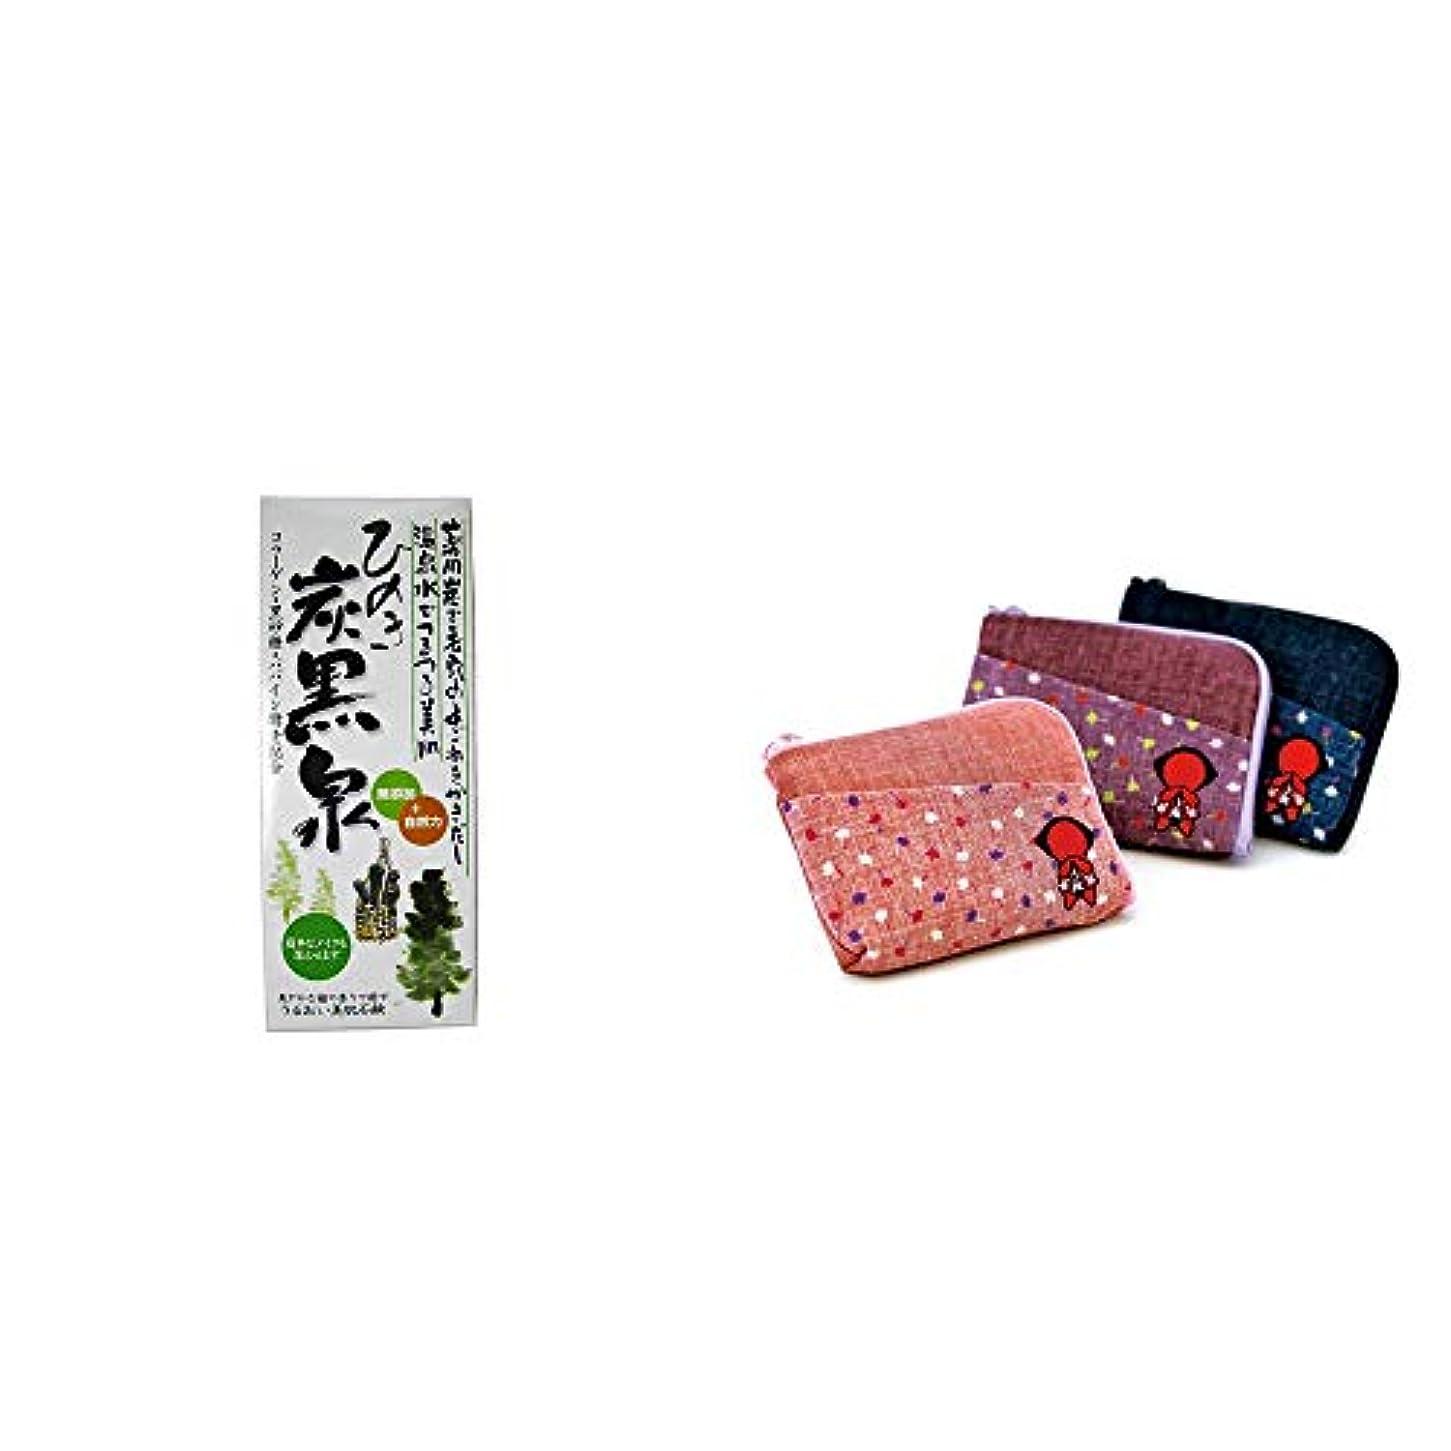 動的暴露するイチゴ[2点セット] ひのき炭黒泉 箱入り(75g×3)?おねがいさるぼぼ ポーチ(小) 【ピンク】